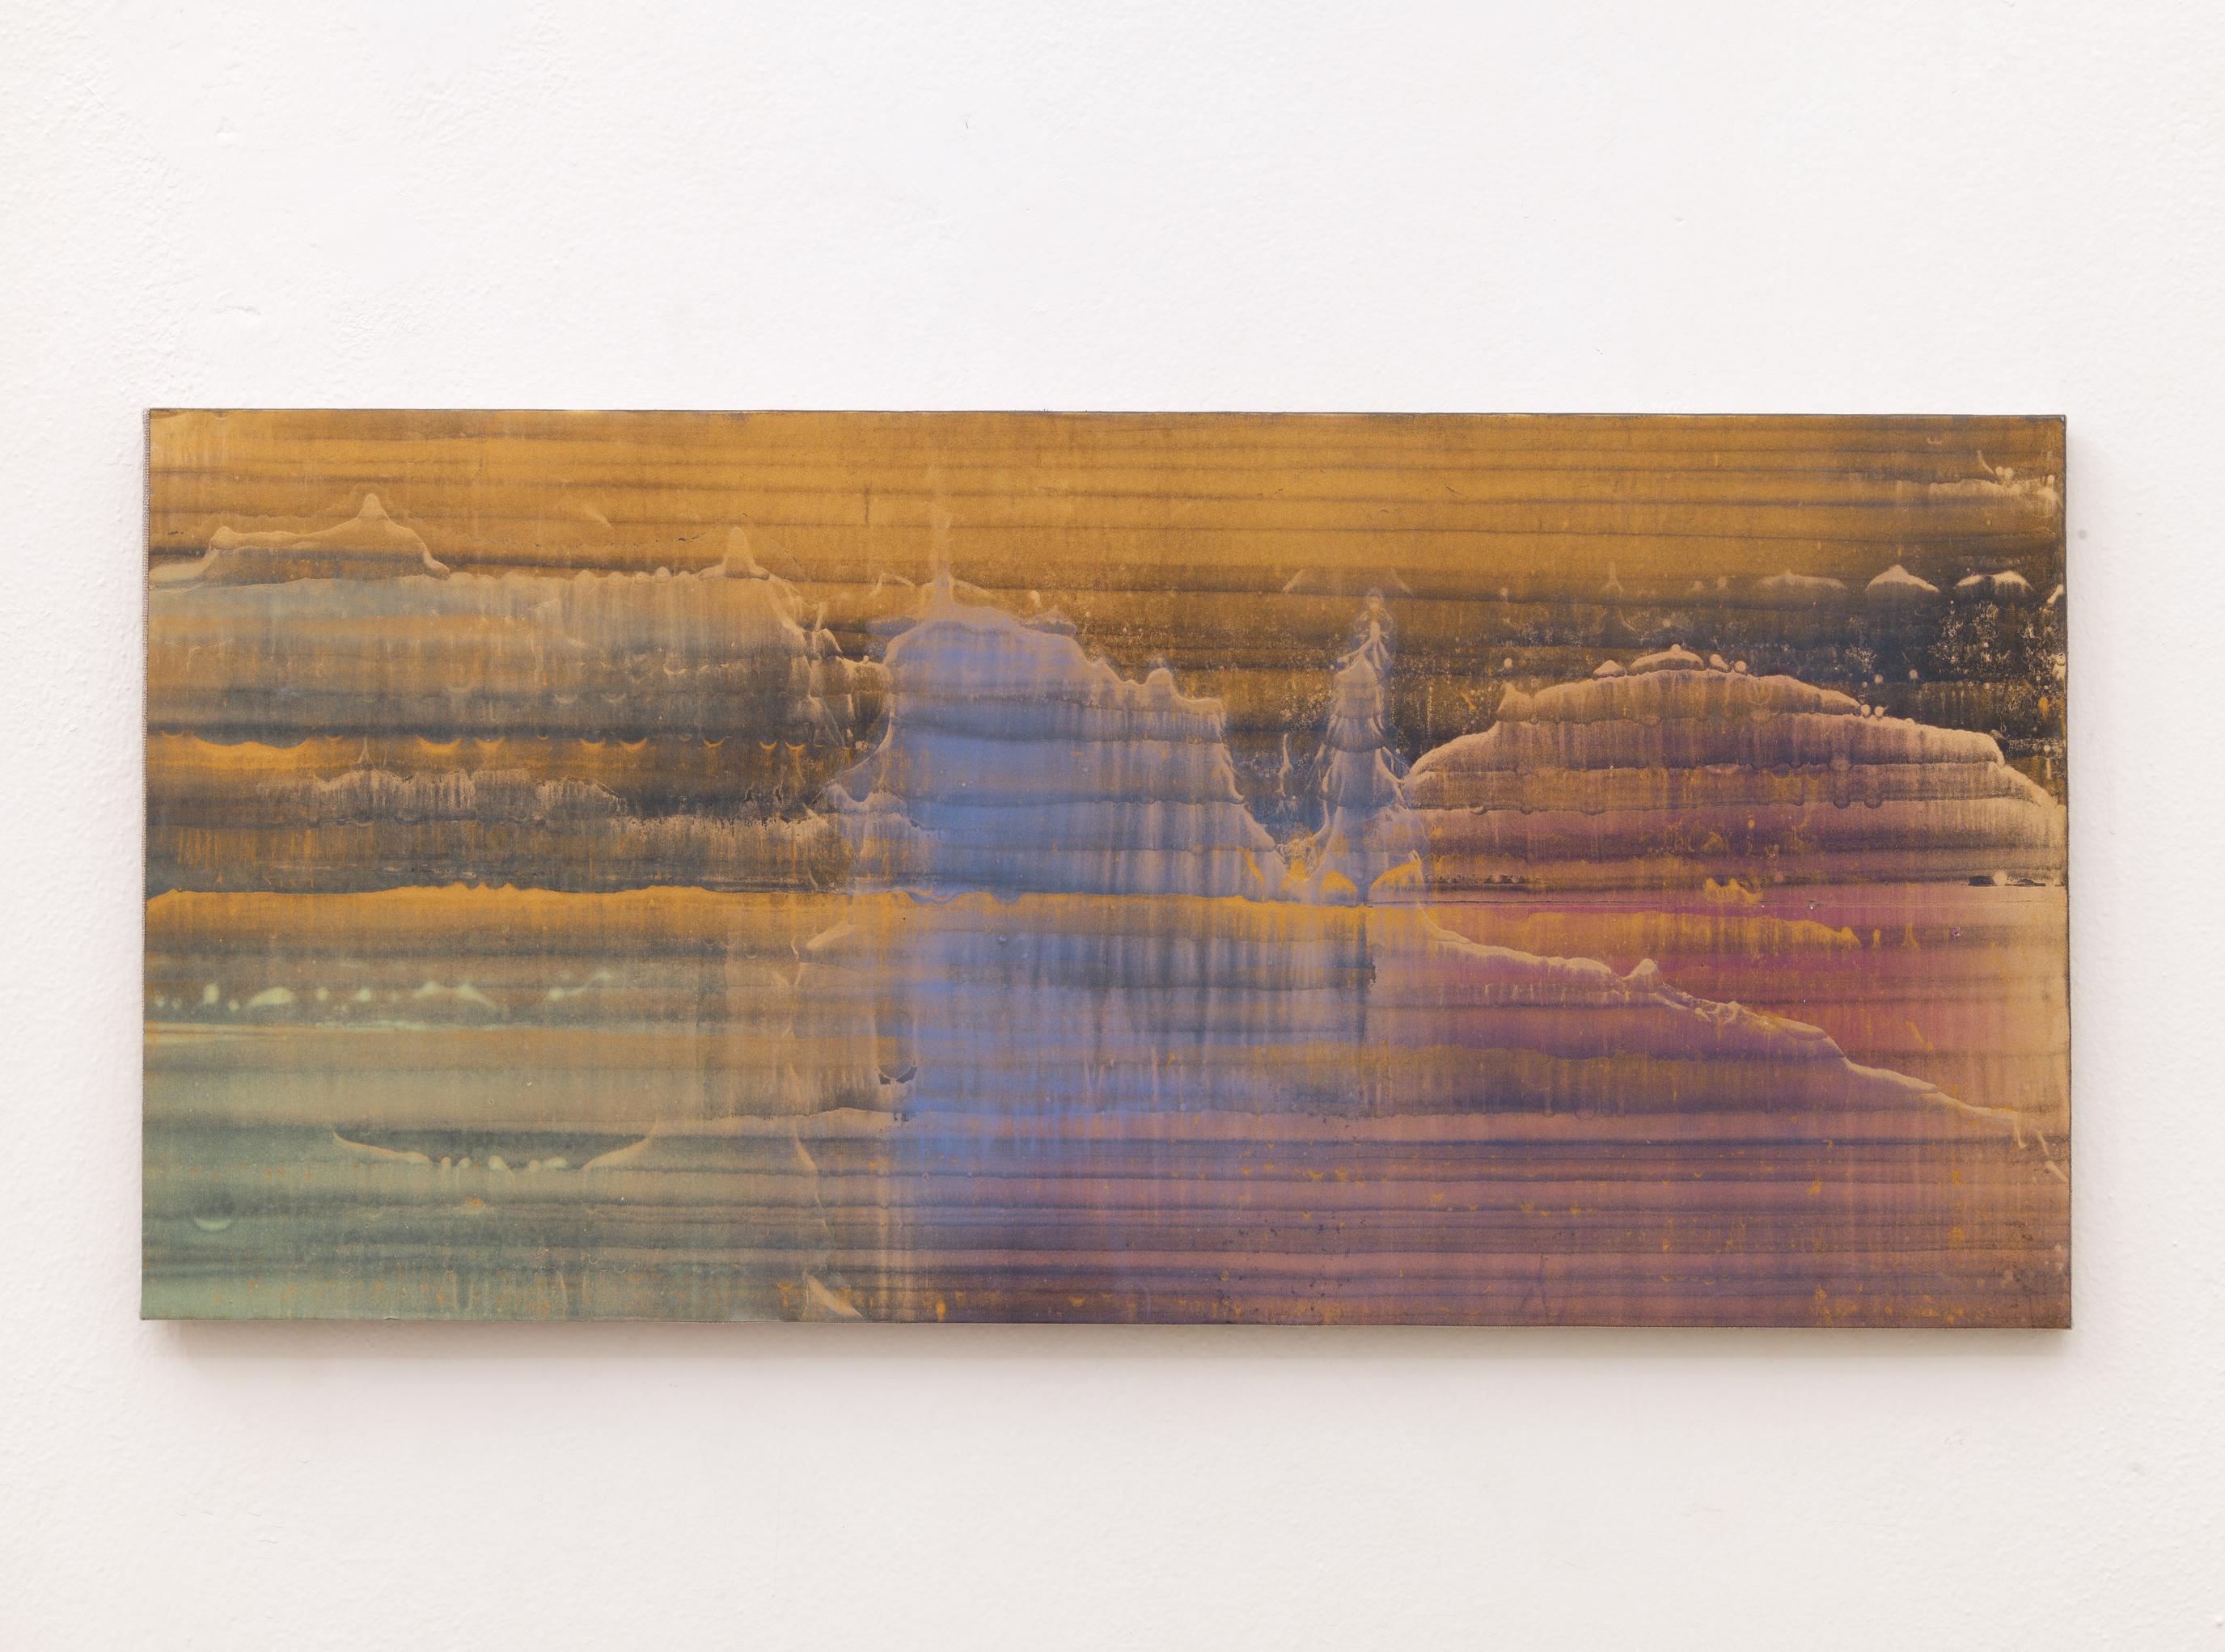 Matteo Montani, Senza titolo, 2014, olio e polvere d'ottone su carta abrasiva intelata, cm 40x84